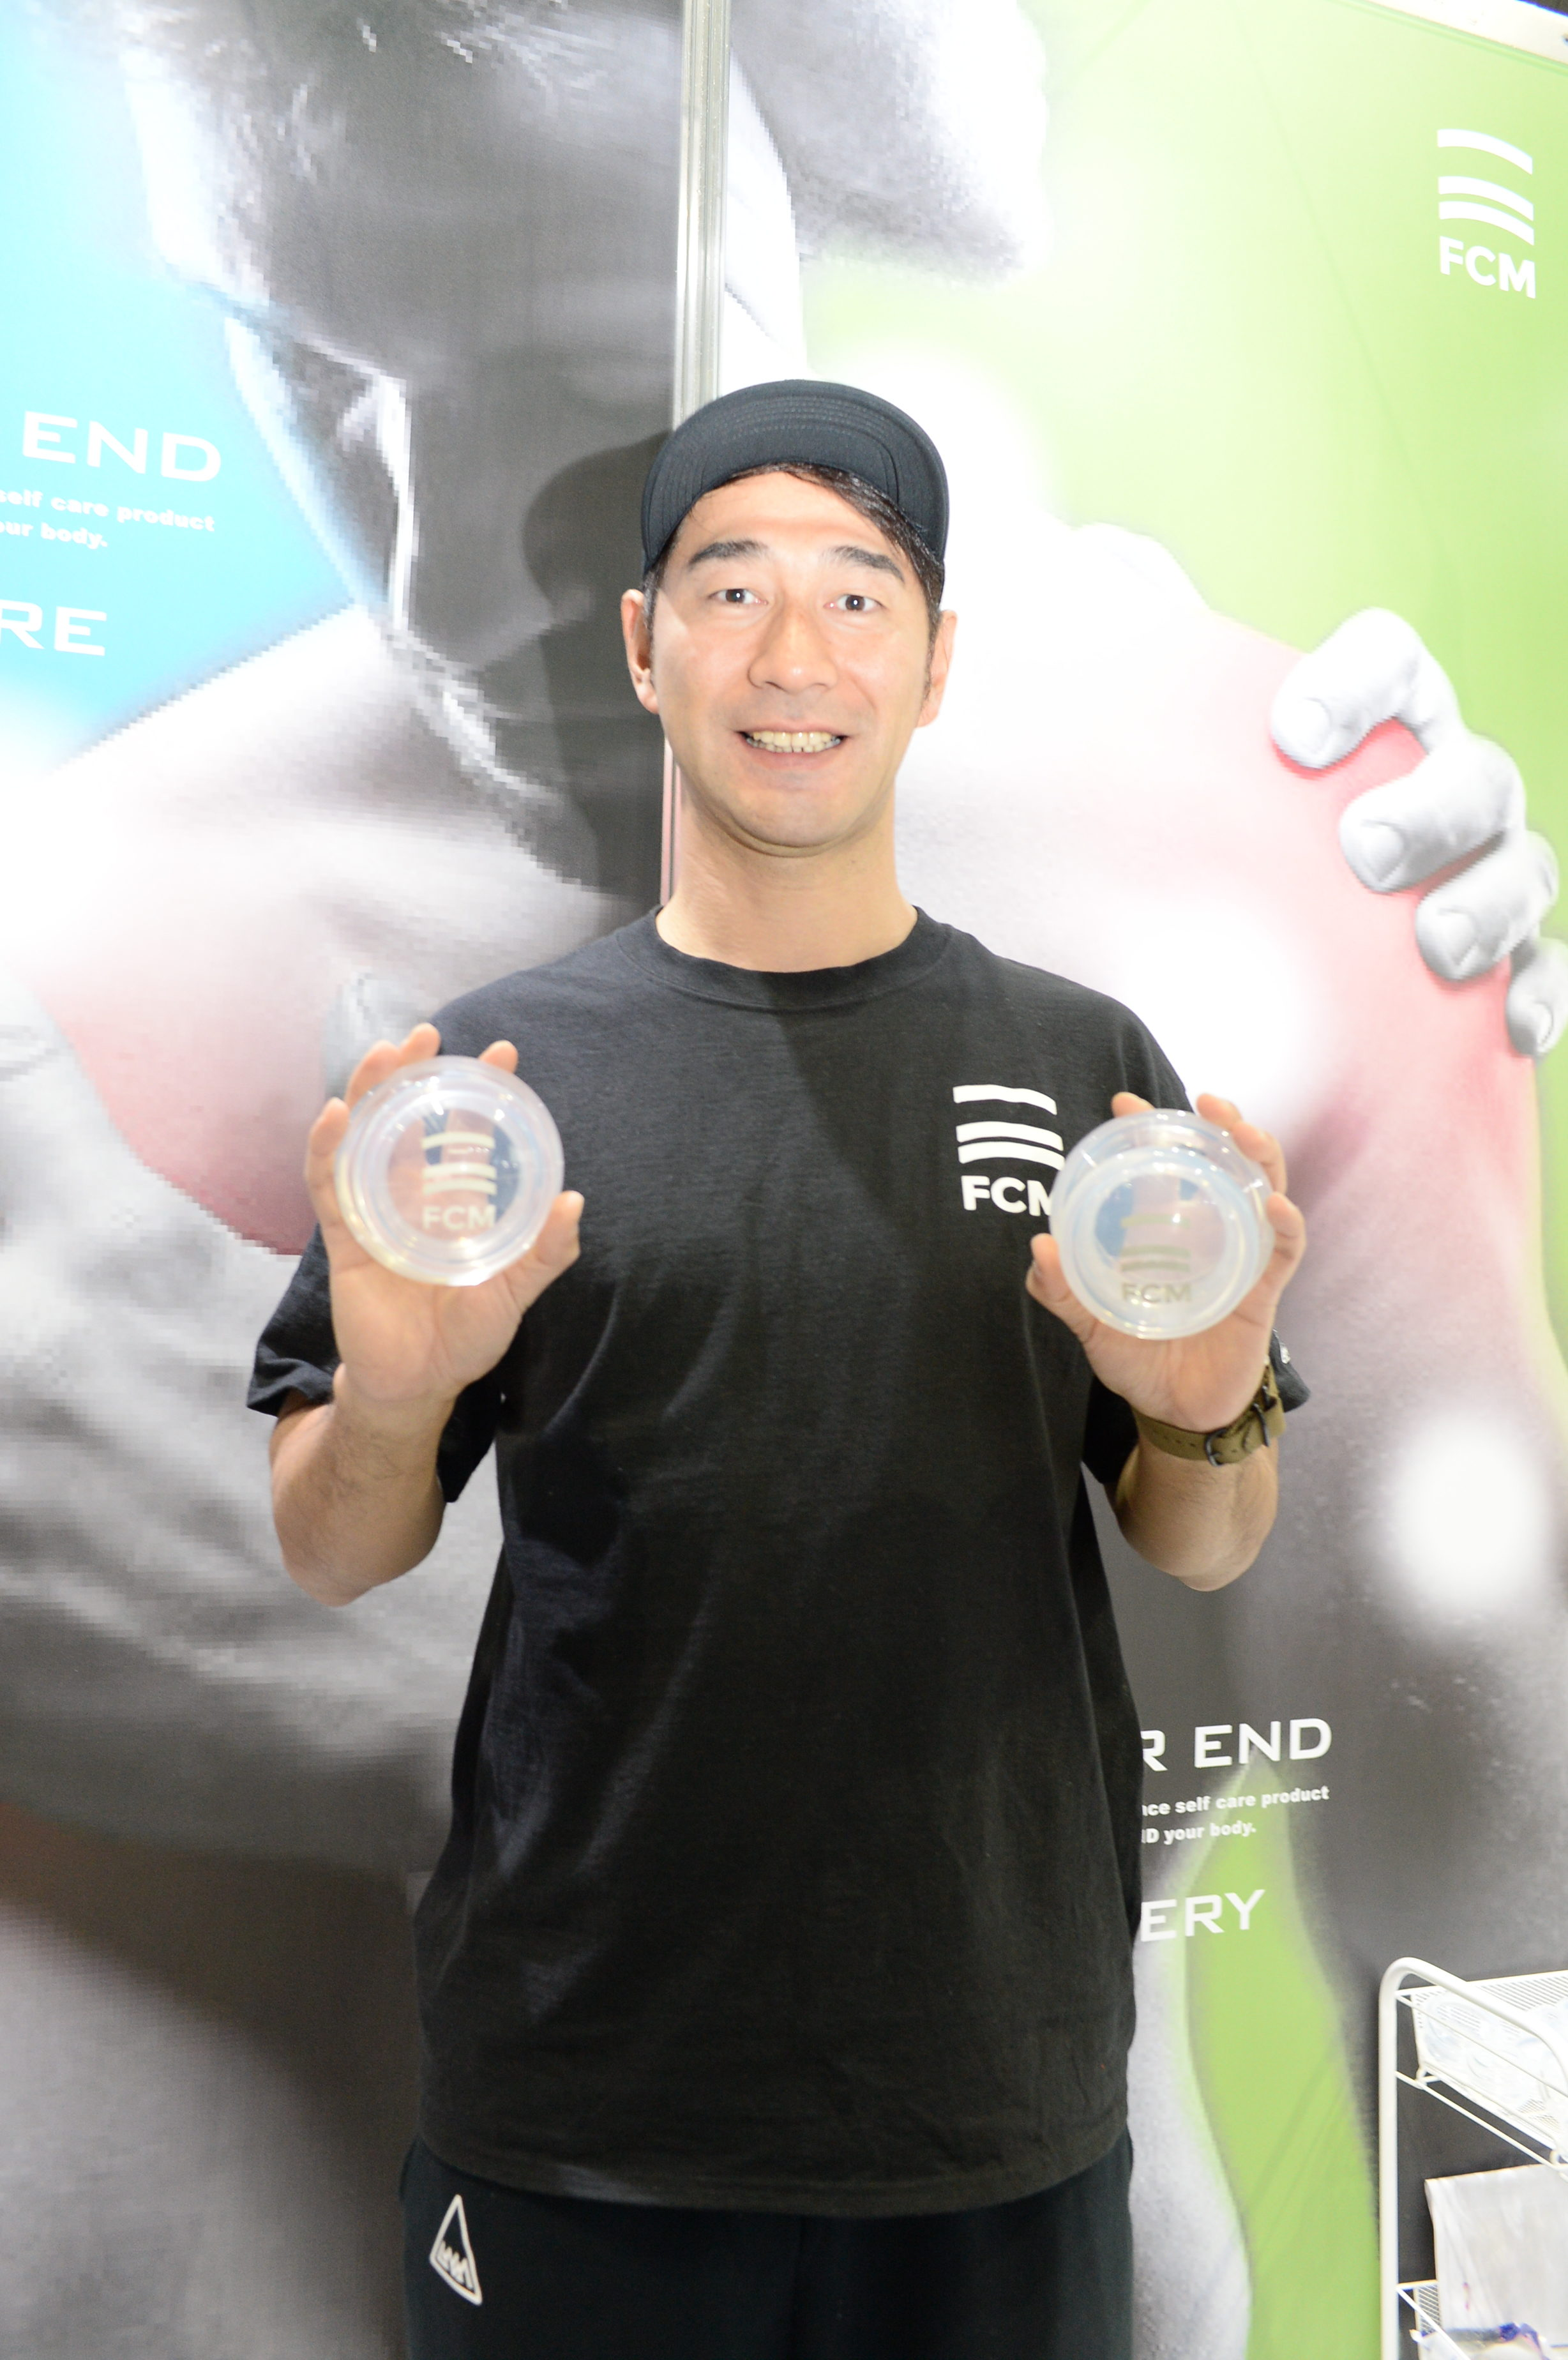 【大阪】3月31日(日)FCMベーシックセミナー下肢編 |講師写真グローバルアスリートサポート協会 [GASA]